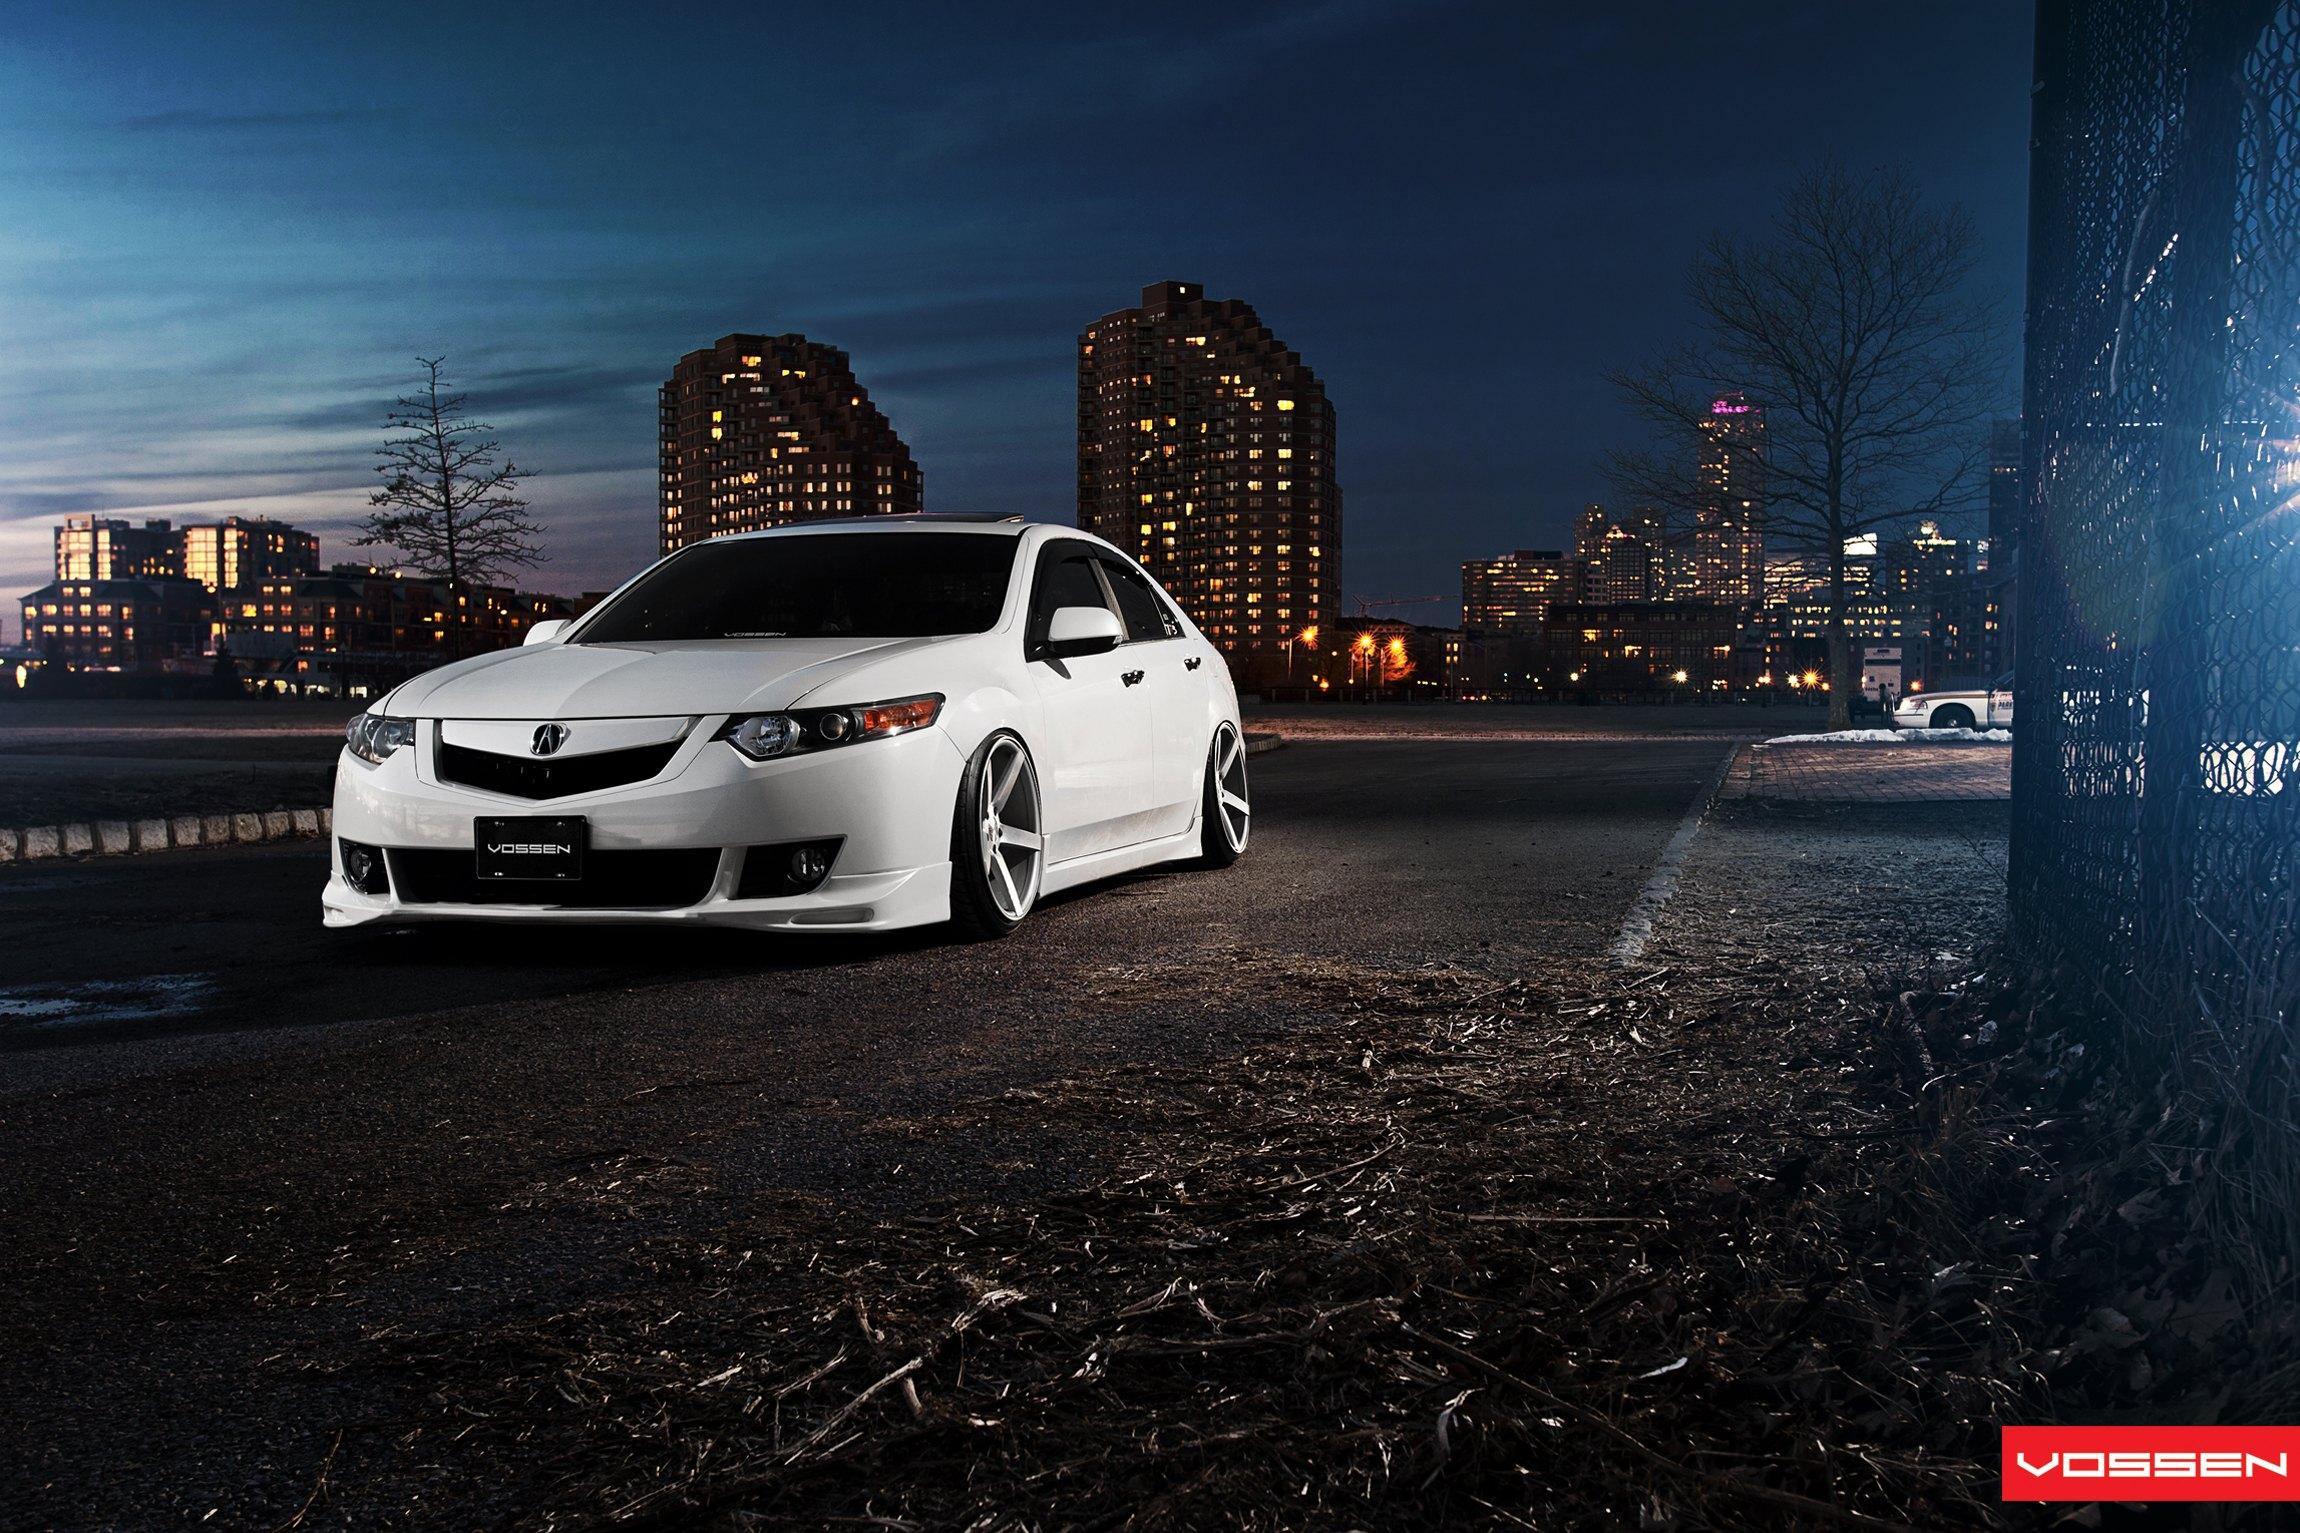 Custom Acura TSX Images Mods Photos Upgrades CARiDcom - Acura tsx mods